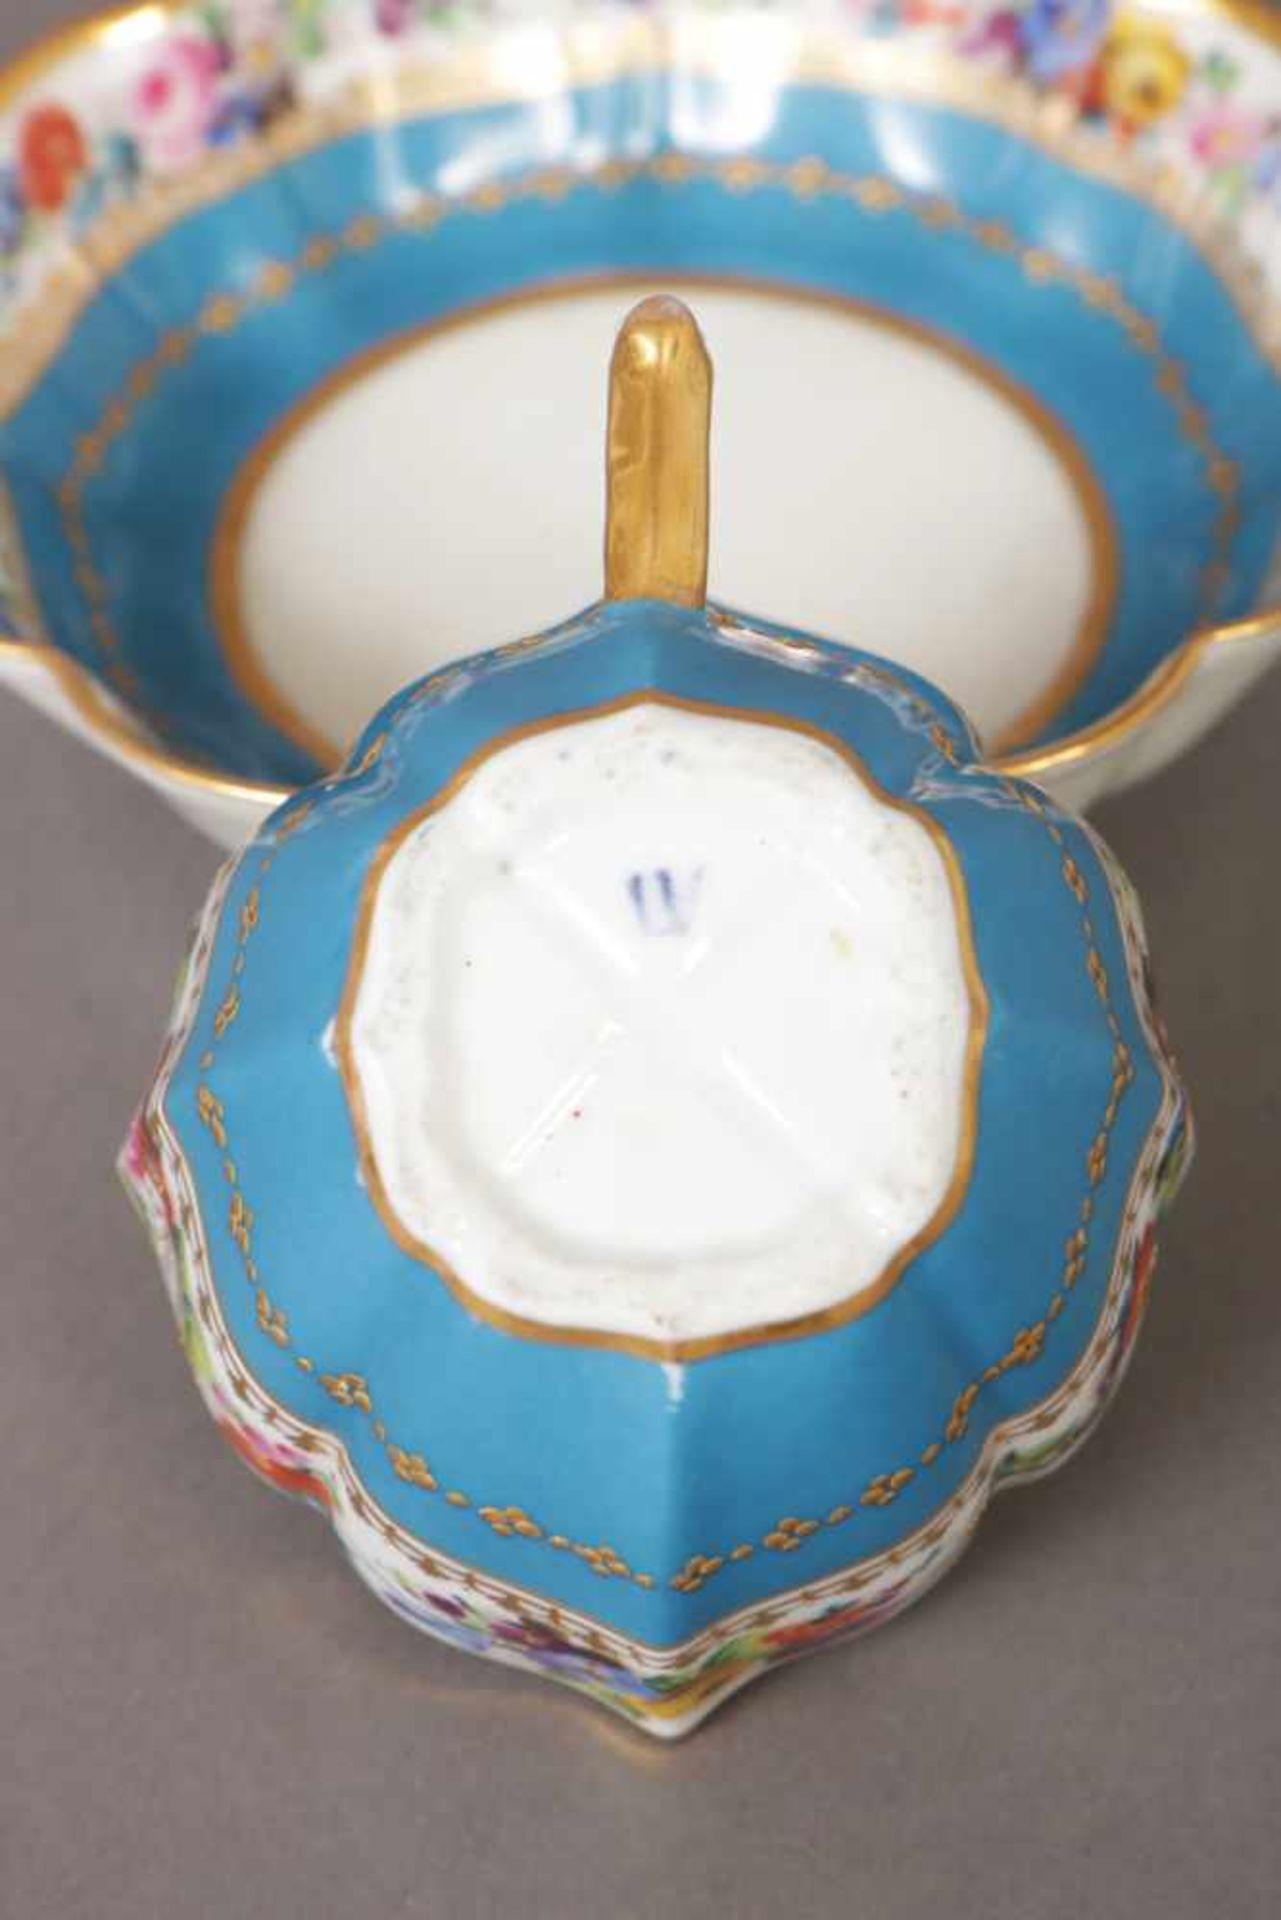 Los 14 - Manufaktur POPOW/MOSKAU Porzellantasse mit Untertasse um 1830-1872, achtpassiger Korpus, umlaufend